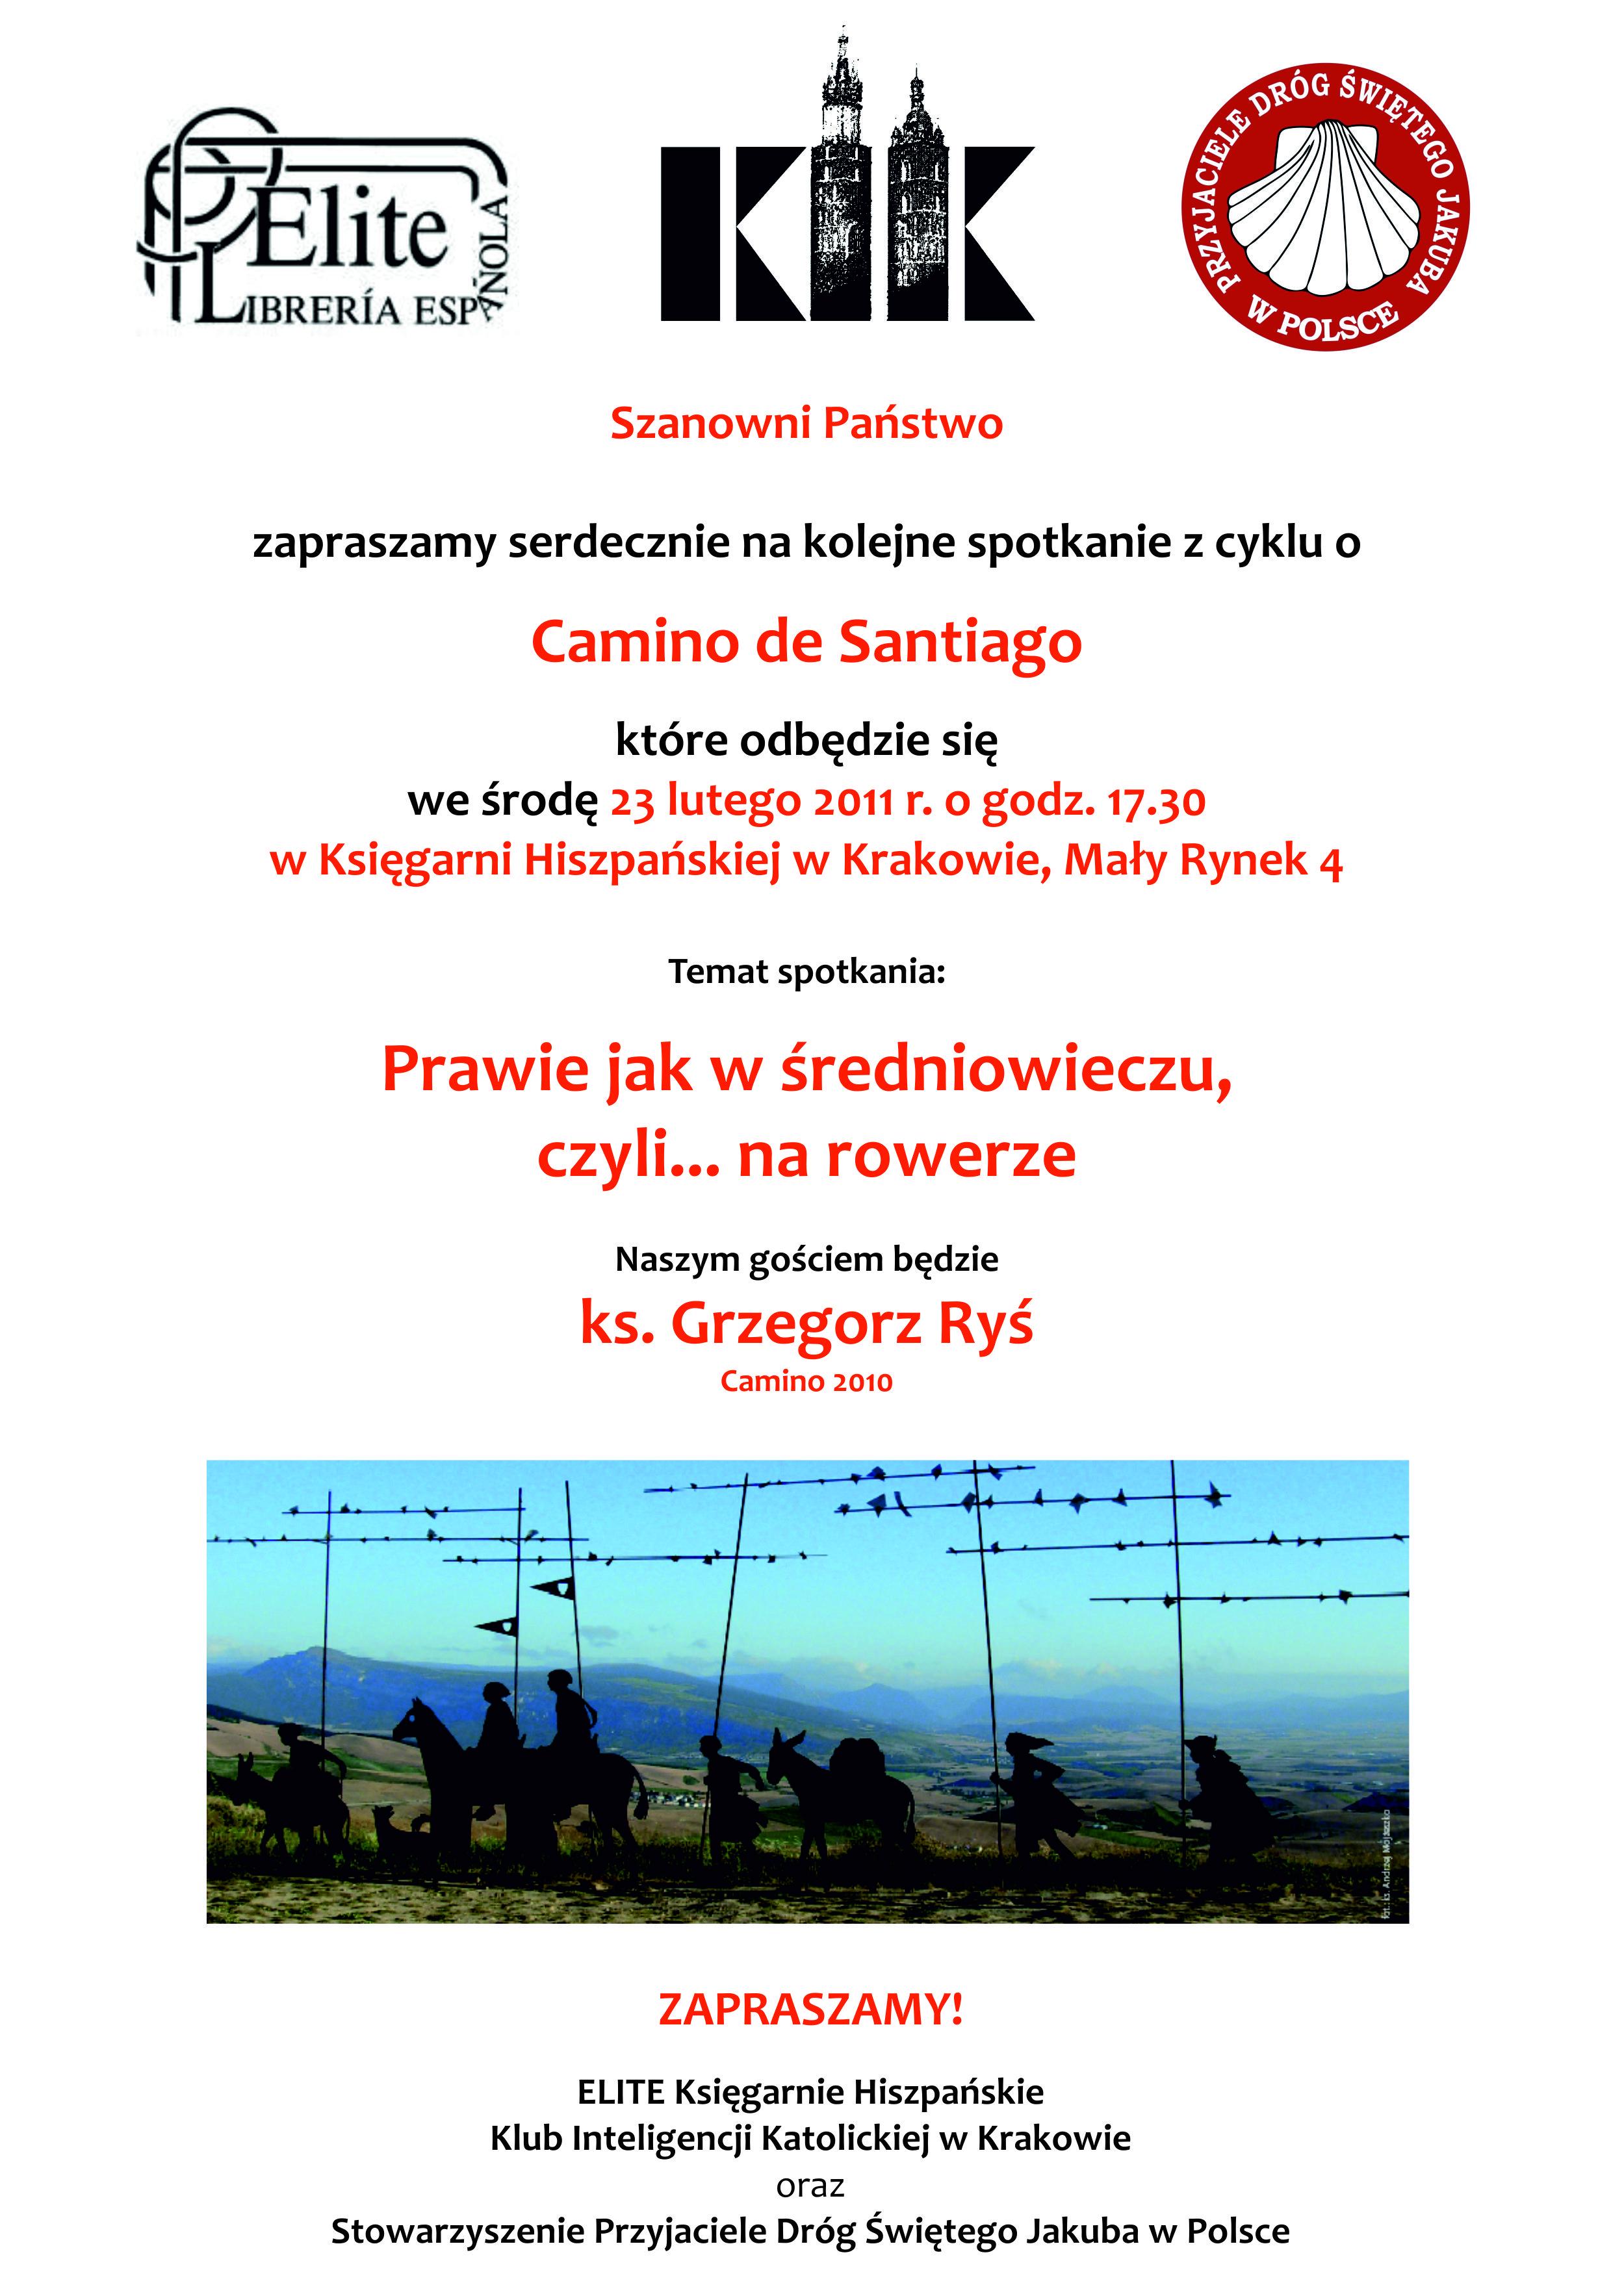 camino de santiago jak w średniowieczu